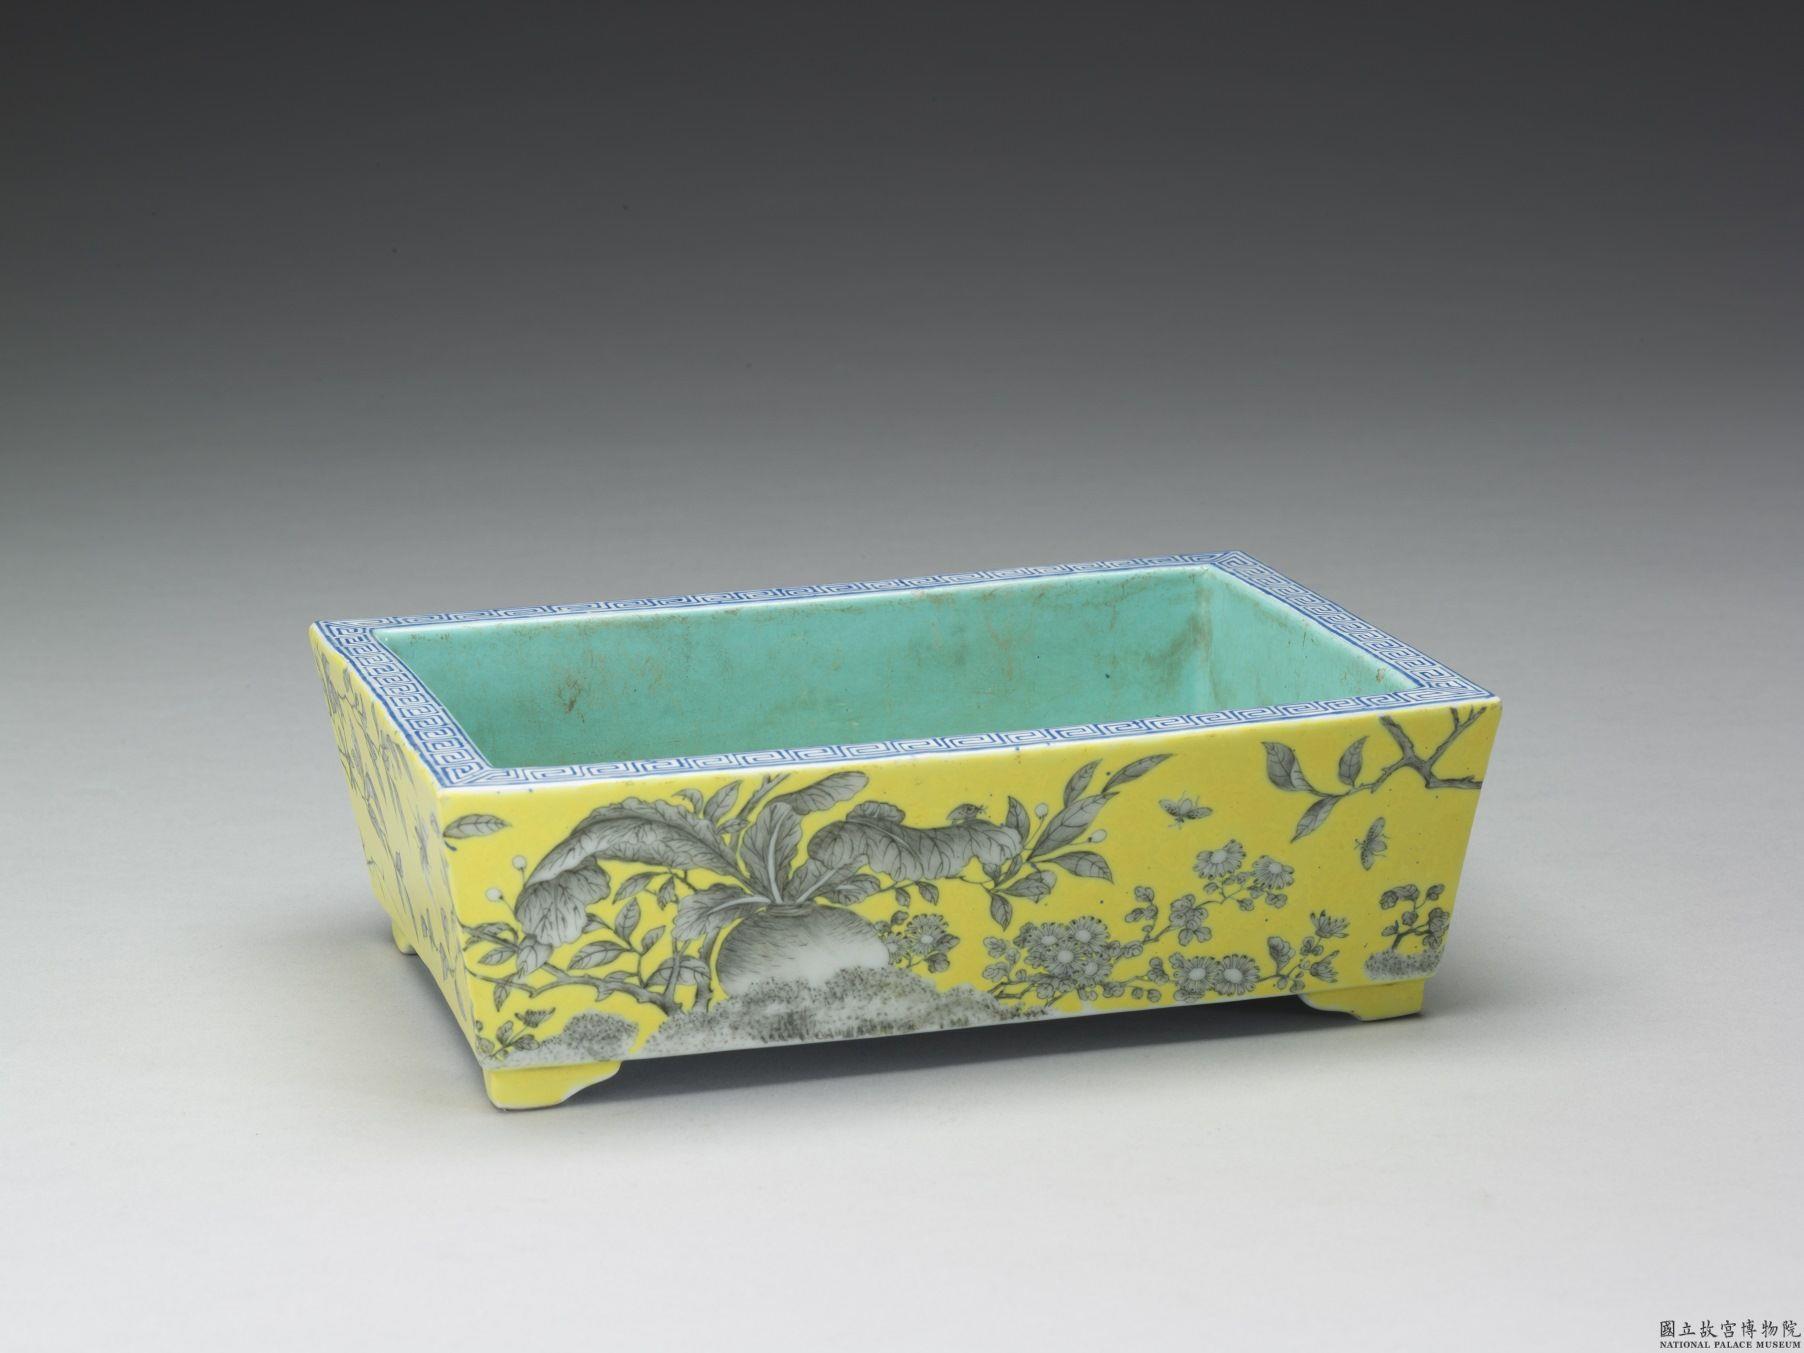 開箱台北故宮系列:慈禧的美麗與哀愁,晚清宮廷極品之大雅齋瓷器